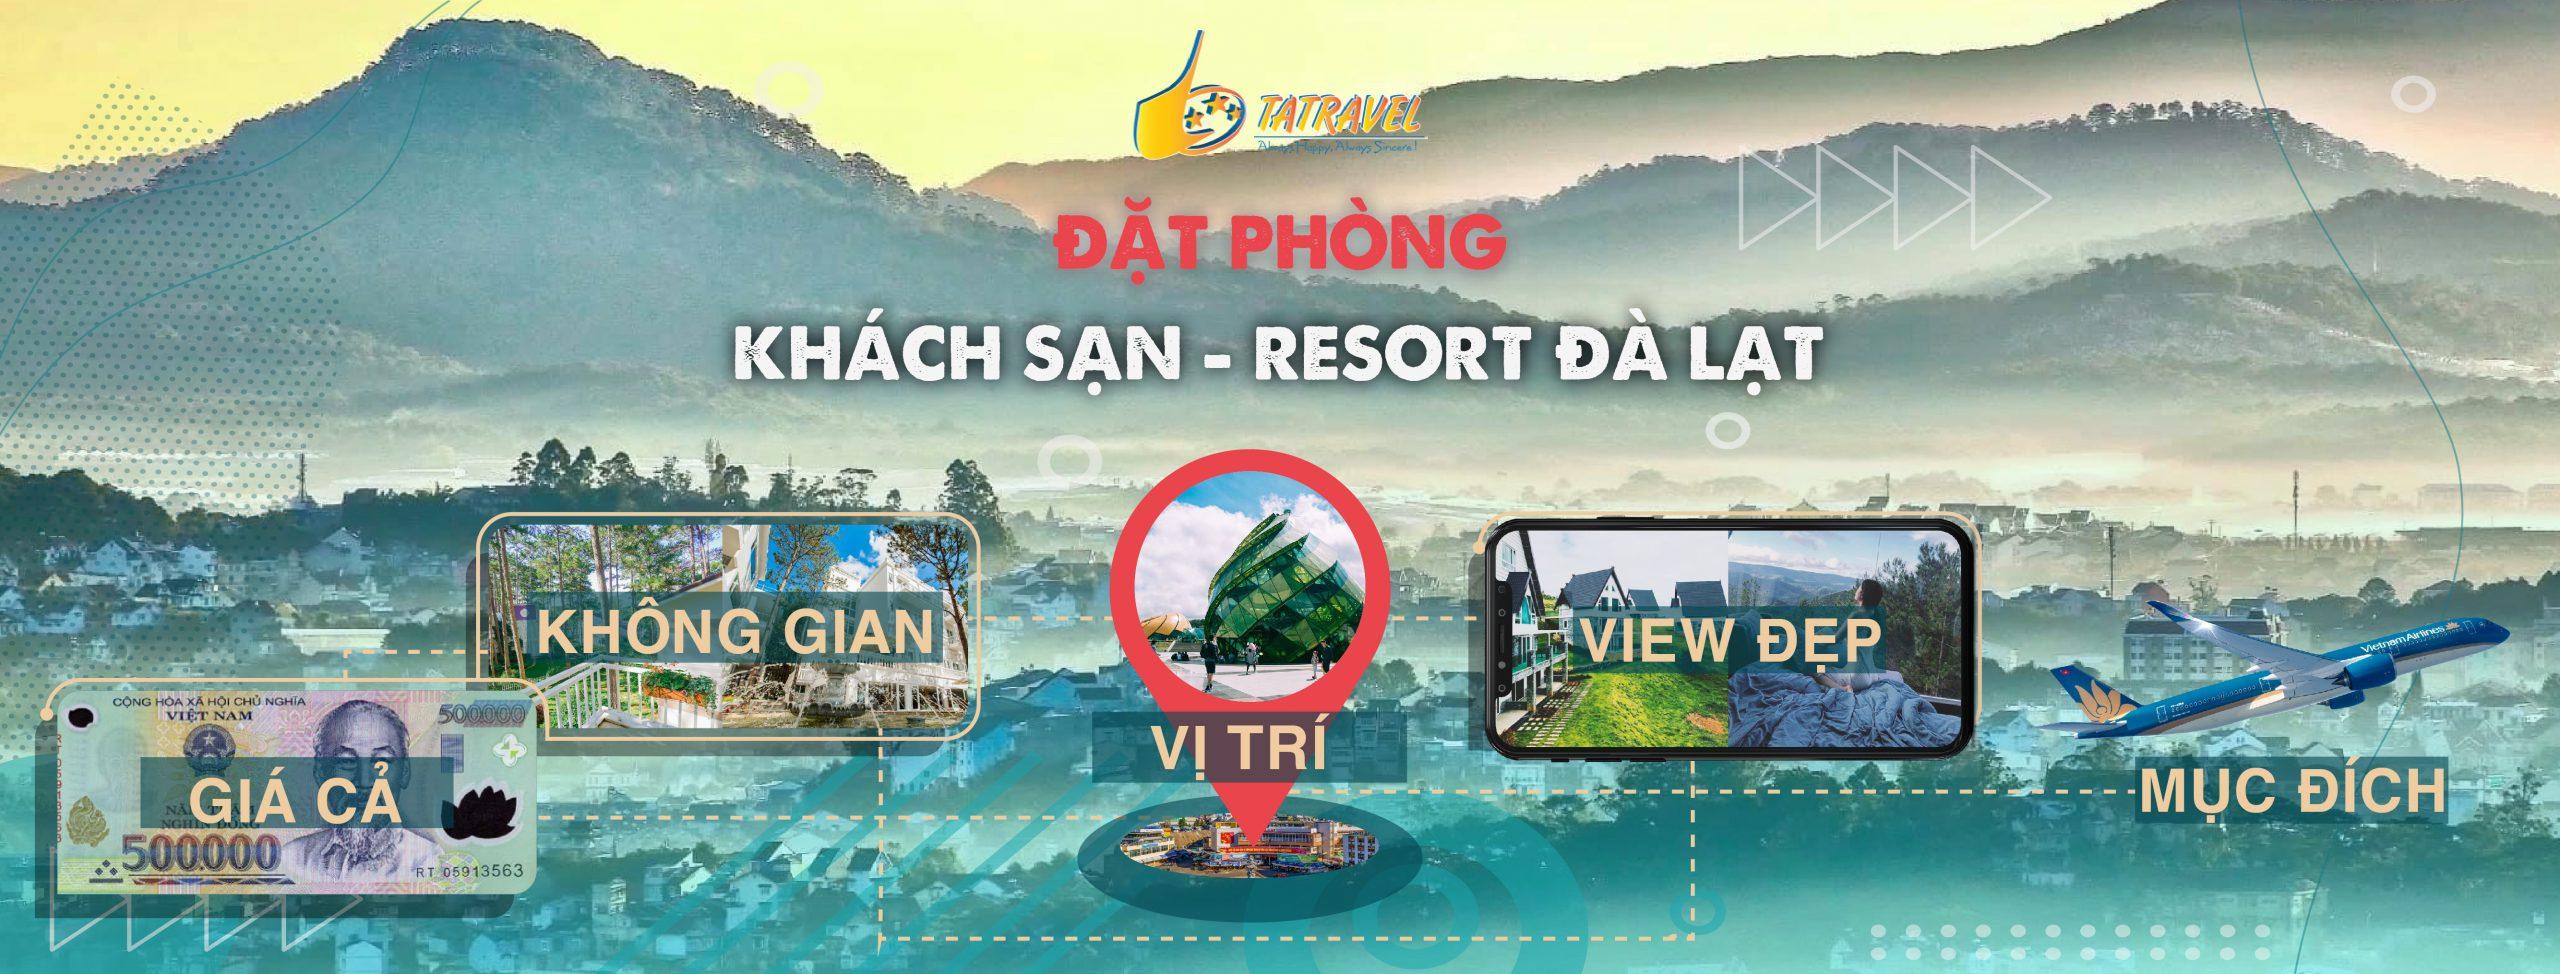 Khách sạn - Resort Đà Lạt